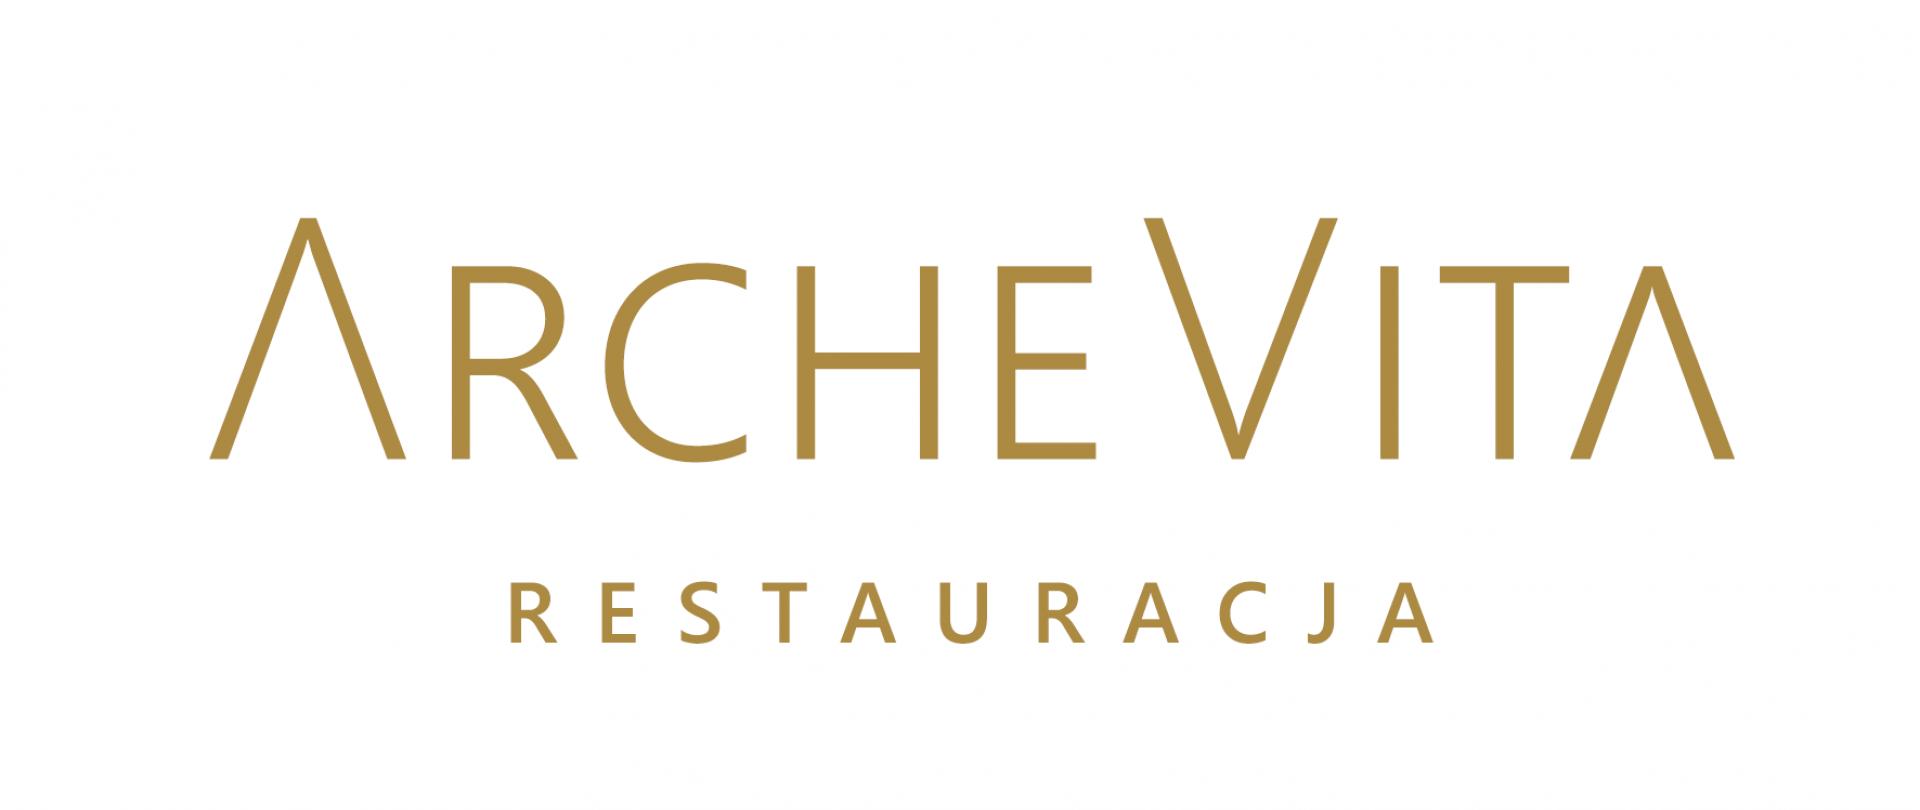 Przedstawiamy logotyp restauracji